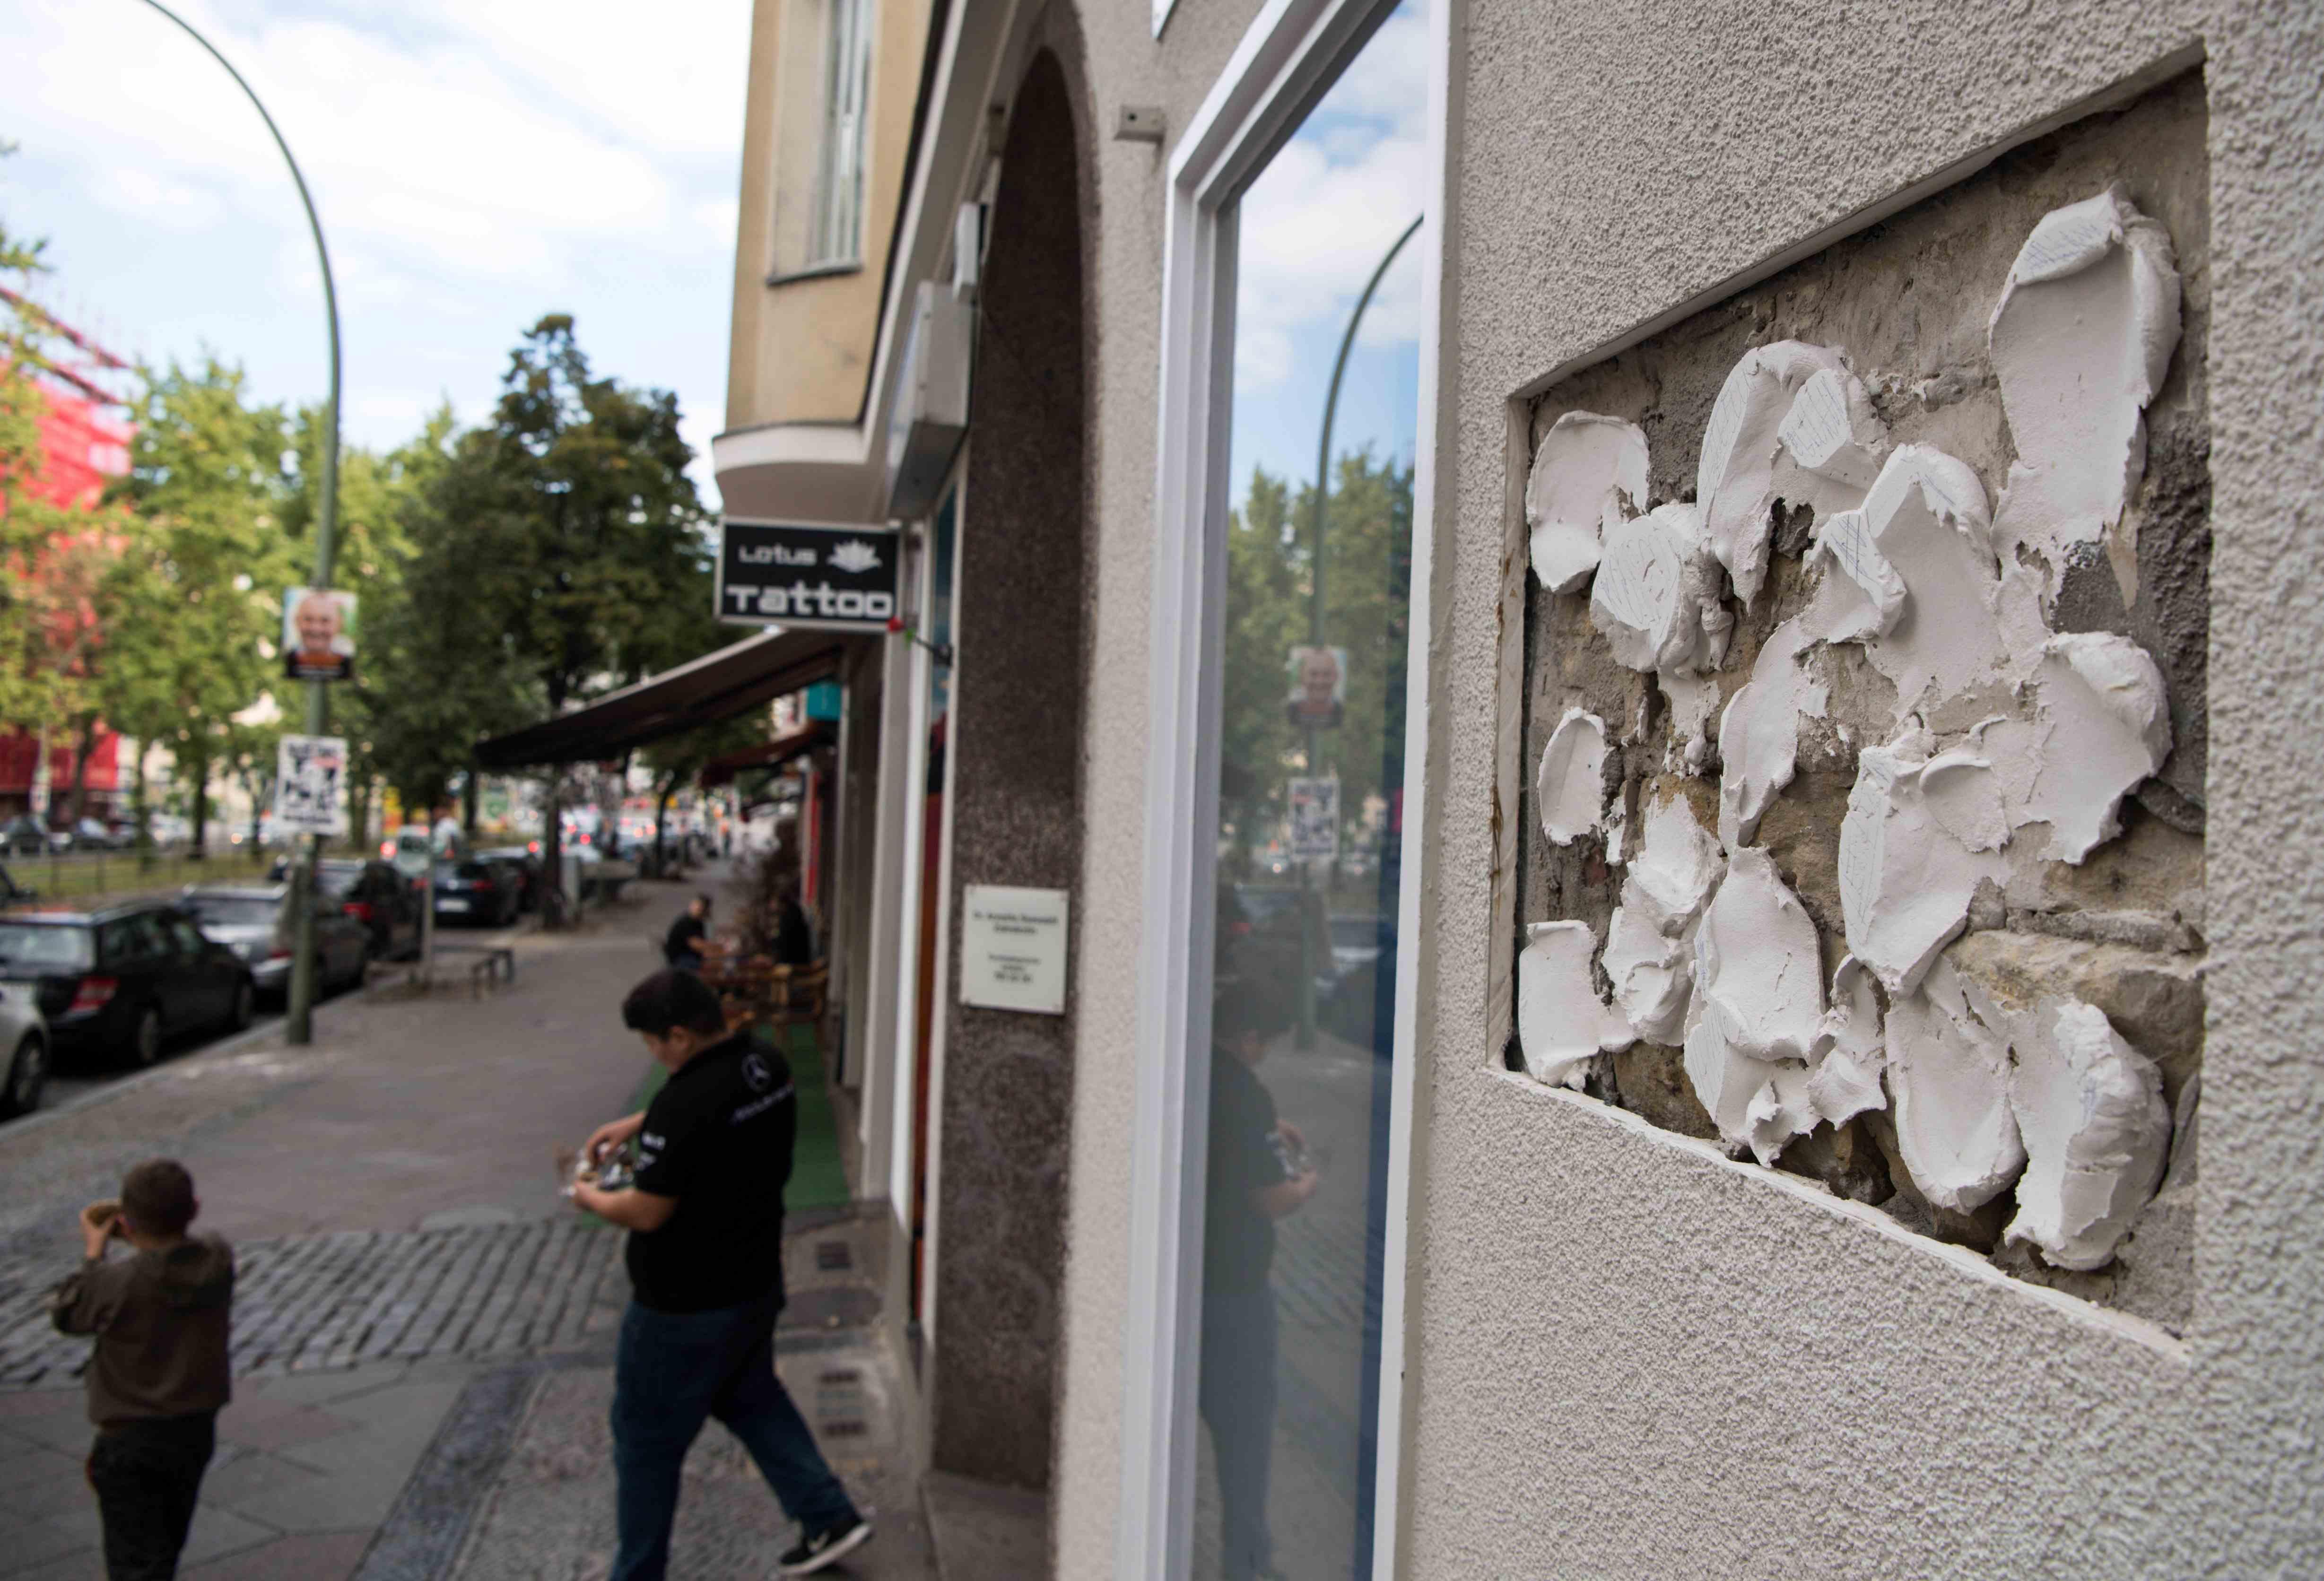 Wo eigentlich die erst kürzlich enthüllte Porzellantafel zur Erinnerung an David Bowie hängt, sind nur noch Klebstoffreste und eine Auslassung in der Mauer zu sehen.